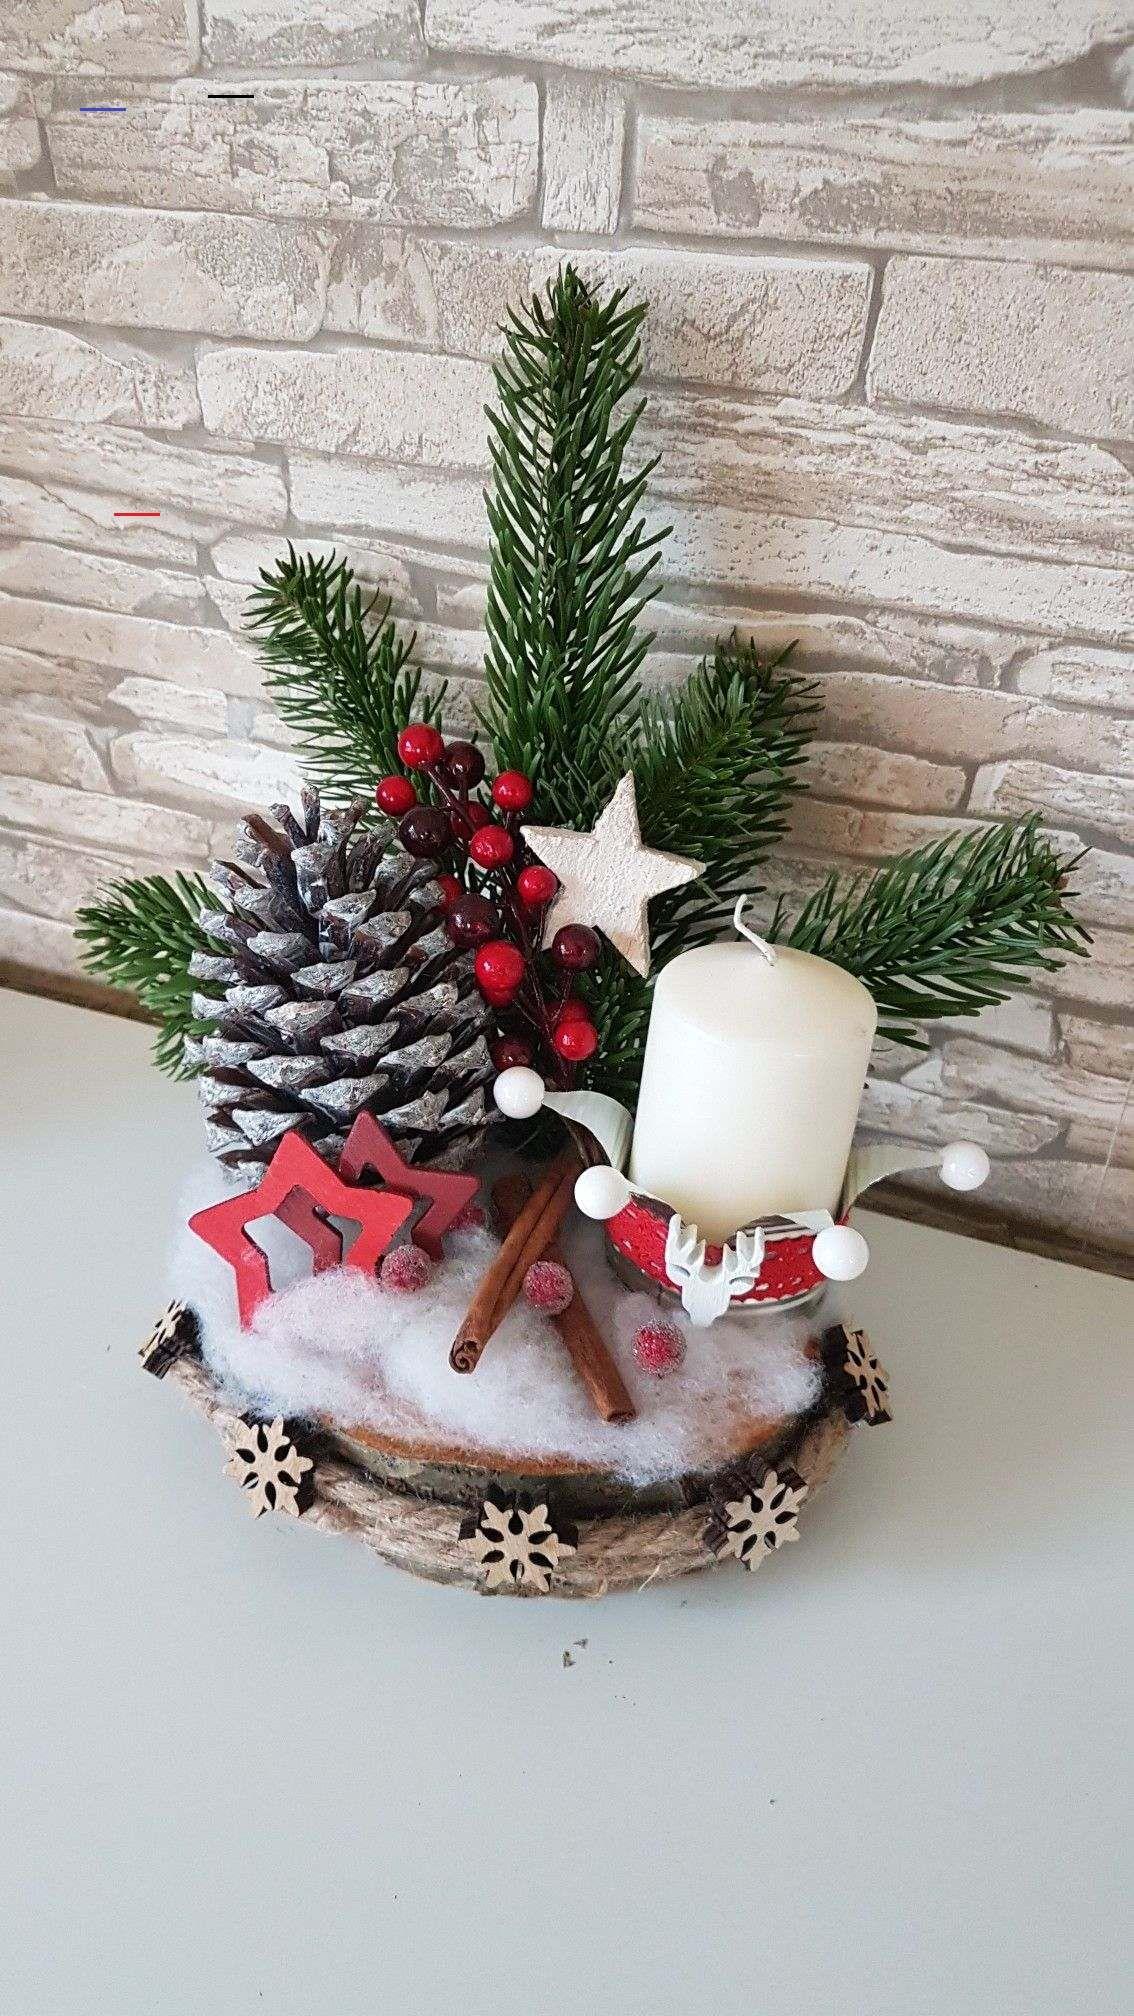 Weihnachtendekorationtischdekoration Christmas Decorations Easy Christmas Decorations Christmas Crafts Diy